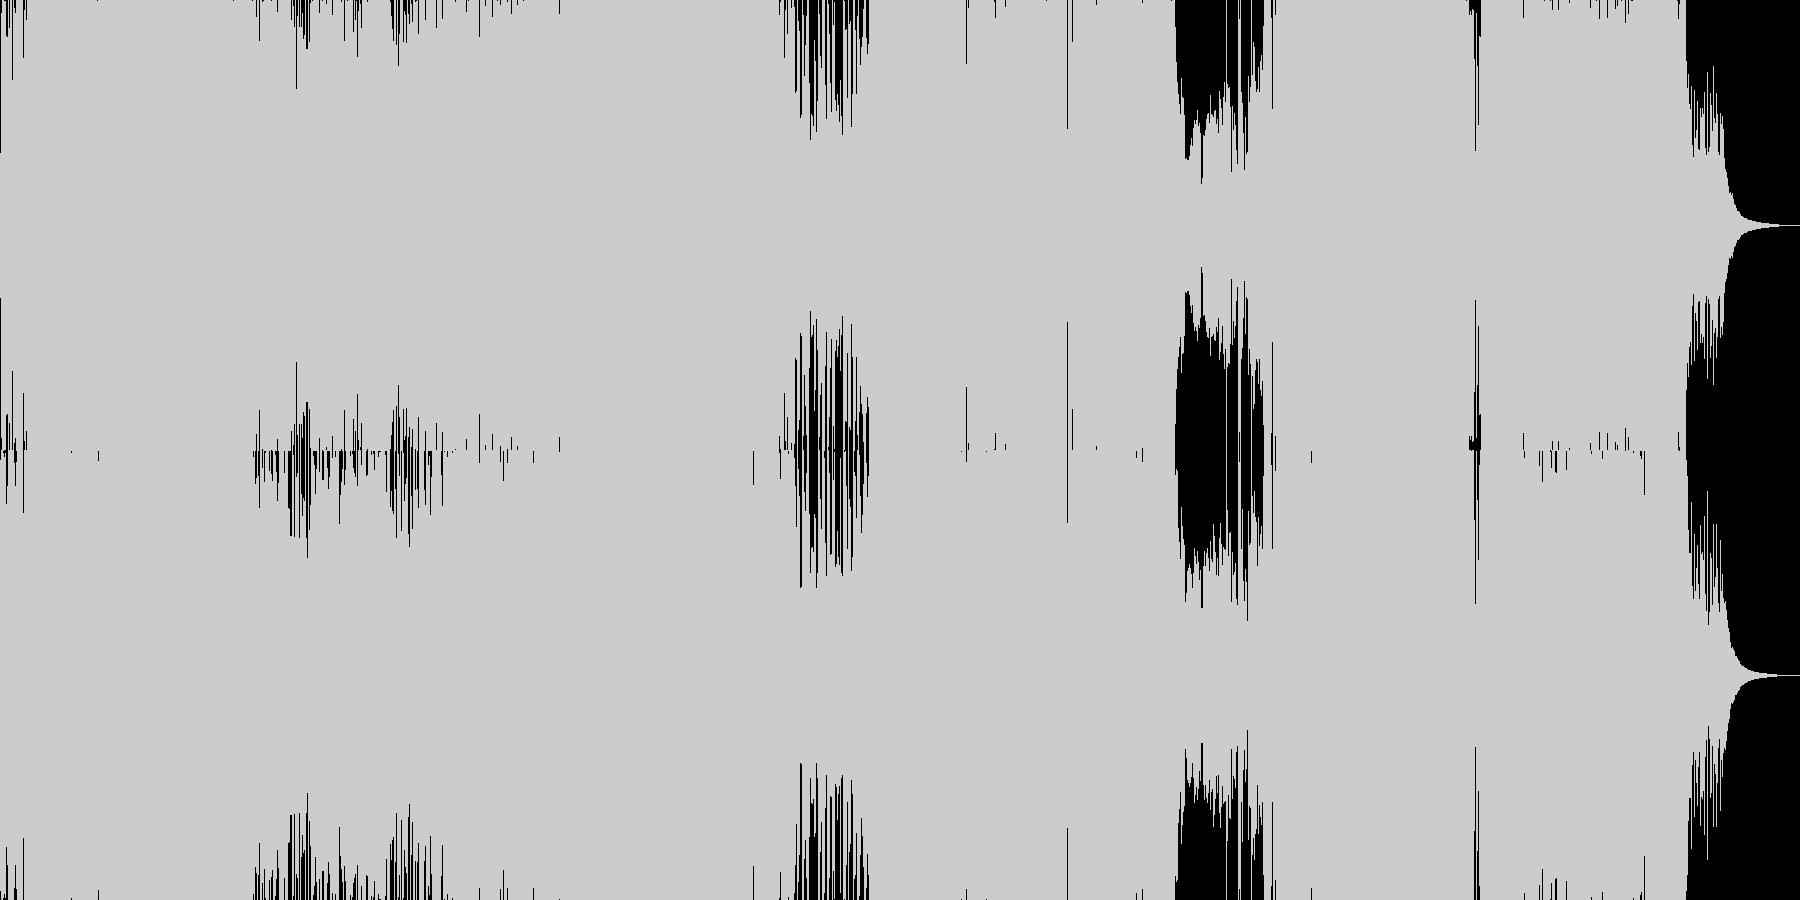 次世代ガールズポップロックアニメソングの未再生の波形